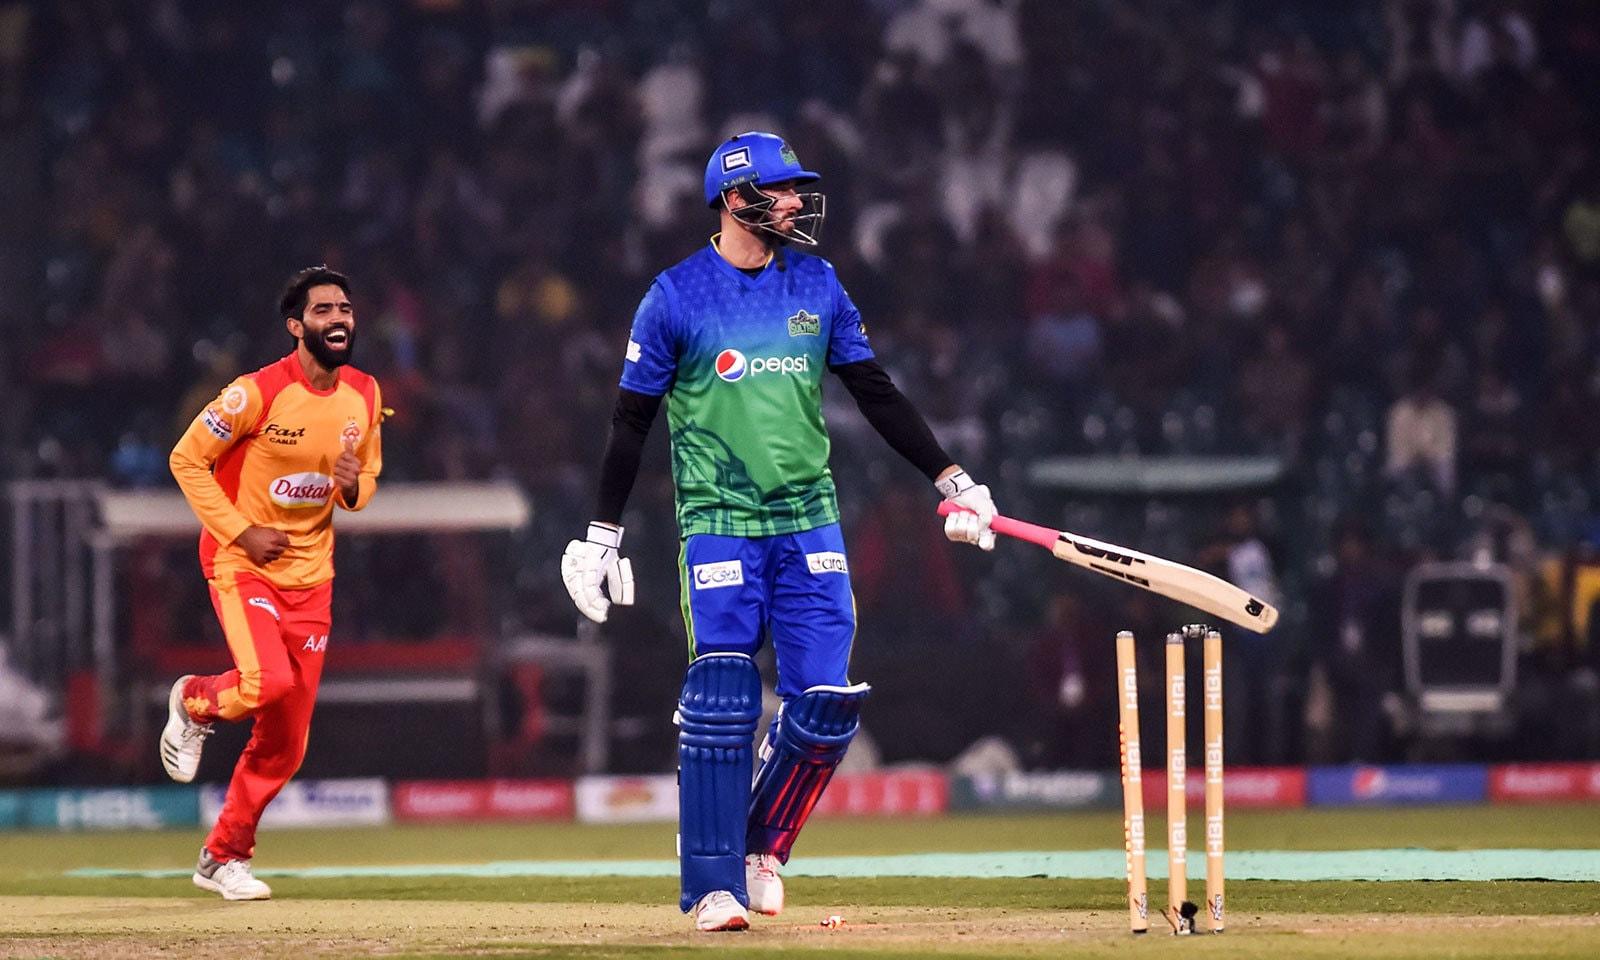 لاہور میں دوسرا میچ ملتان سلطانز اور اسلام آباد یونائیٹڈ کے درمیان کھیلا گیا—فوٹو:اے ایف پی